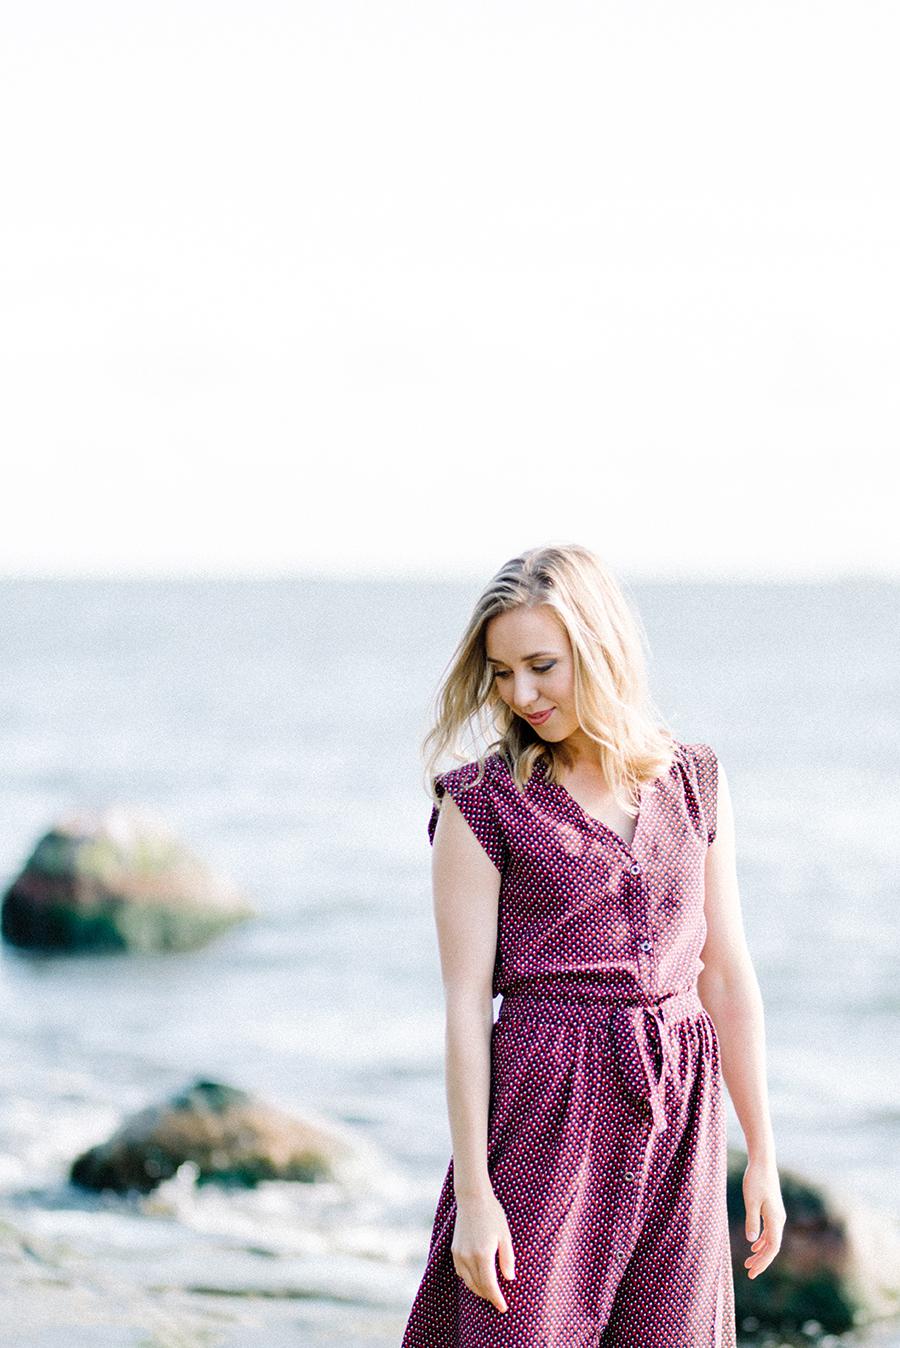 Heidi & Antti, engagement shoot in Lauttasaari, Helsinki, kihlakuvaus, parikuvaus (1).jpg